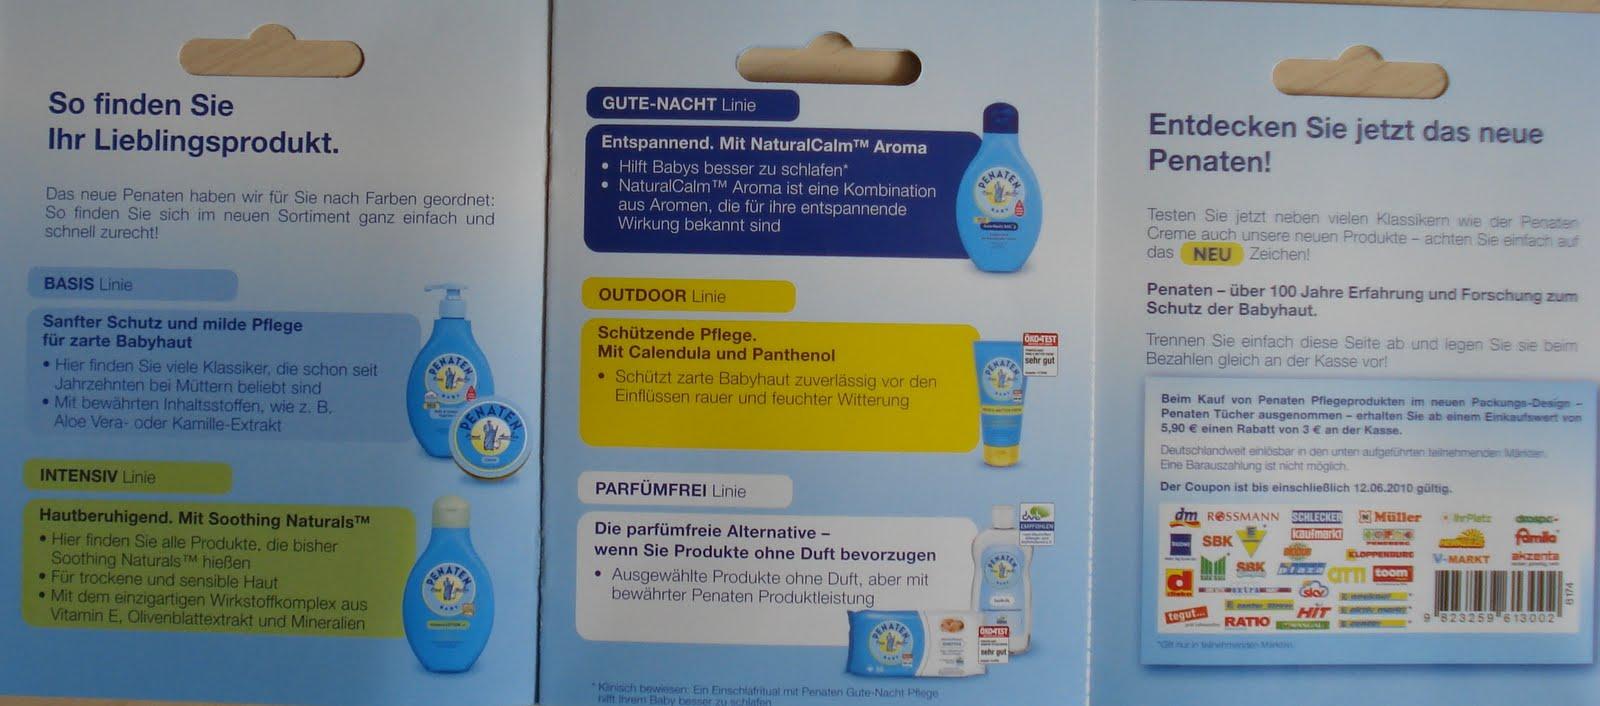 Penaten 3€ Sparcoupon beim Kauf von 3 Produkten im Wert von 5,90 ...